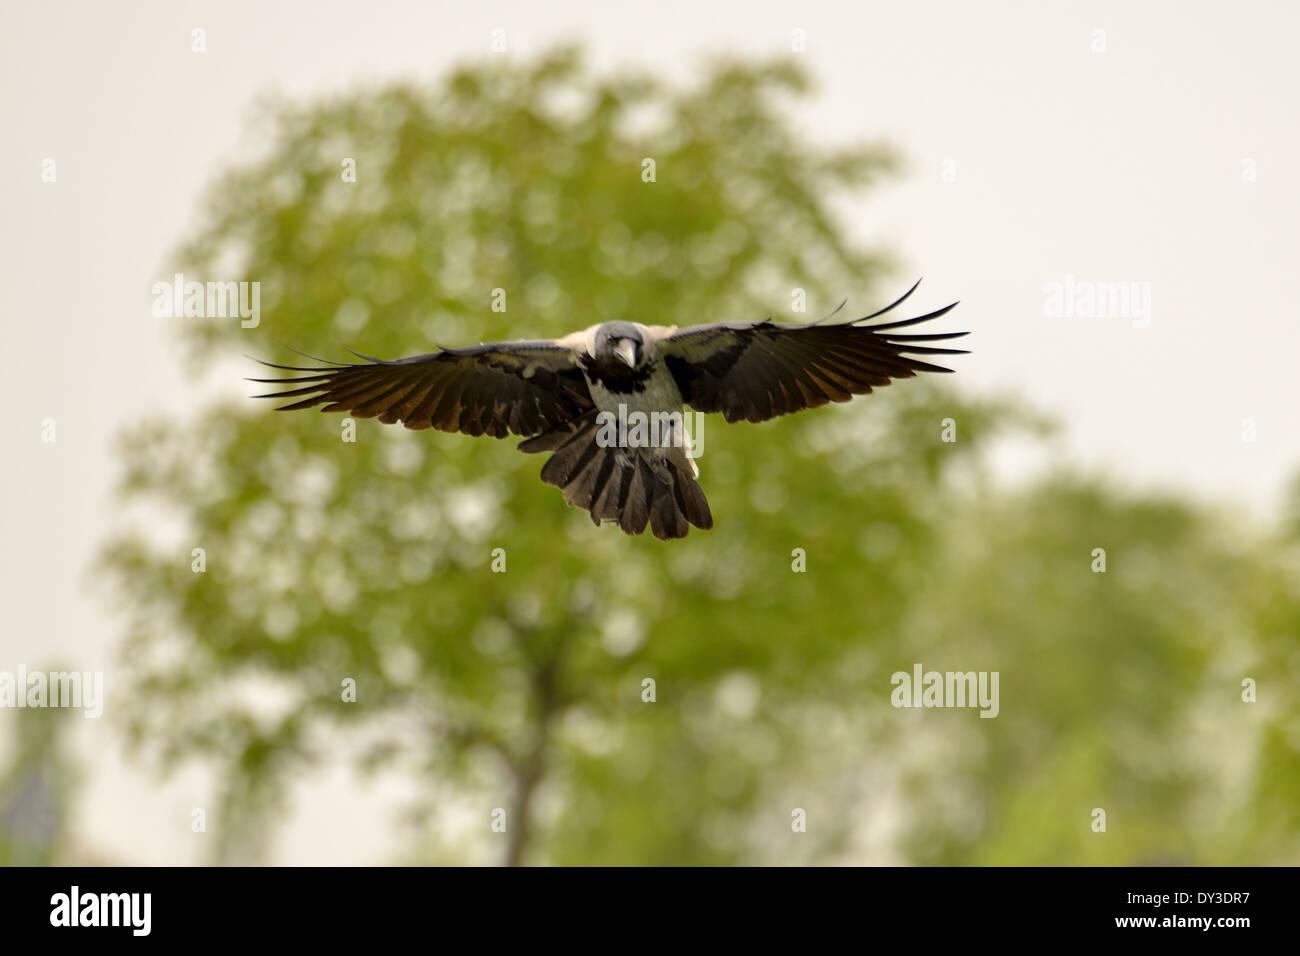 Nebelkrähe im Flug mit grüner Baum hinter sich. Stockbild